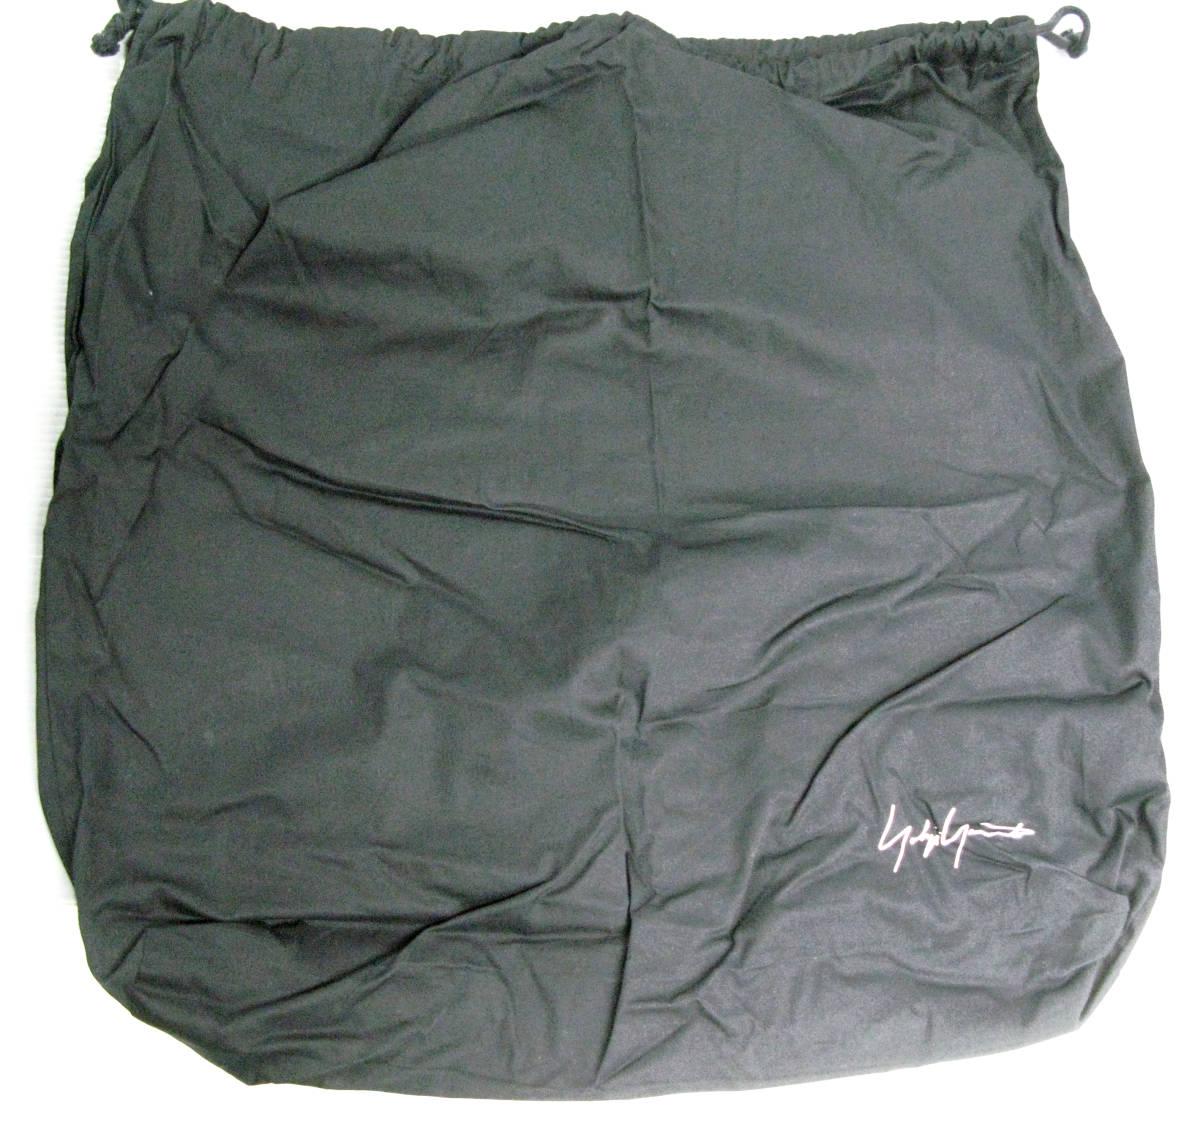 ヨウジヤマモト Yohji:青山店限定 チェーン付き スタッズ バッグ ( レア Yohji Yamamoto Aoyama Limited Studs Chain Leather Bag _画像6